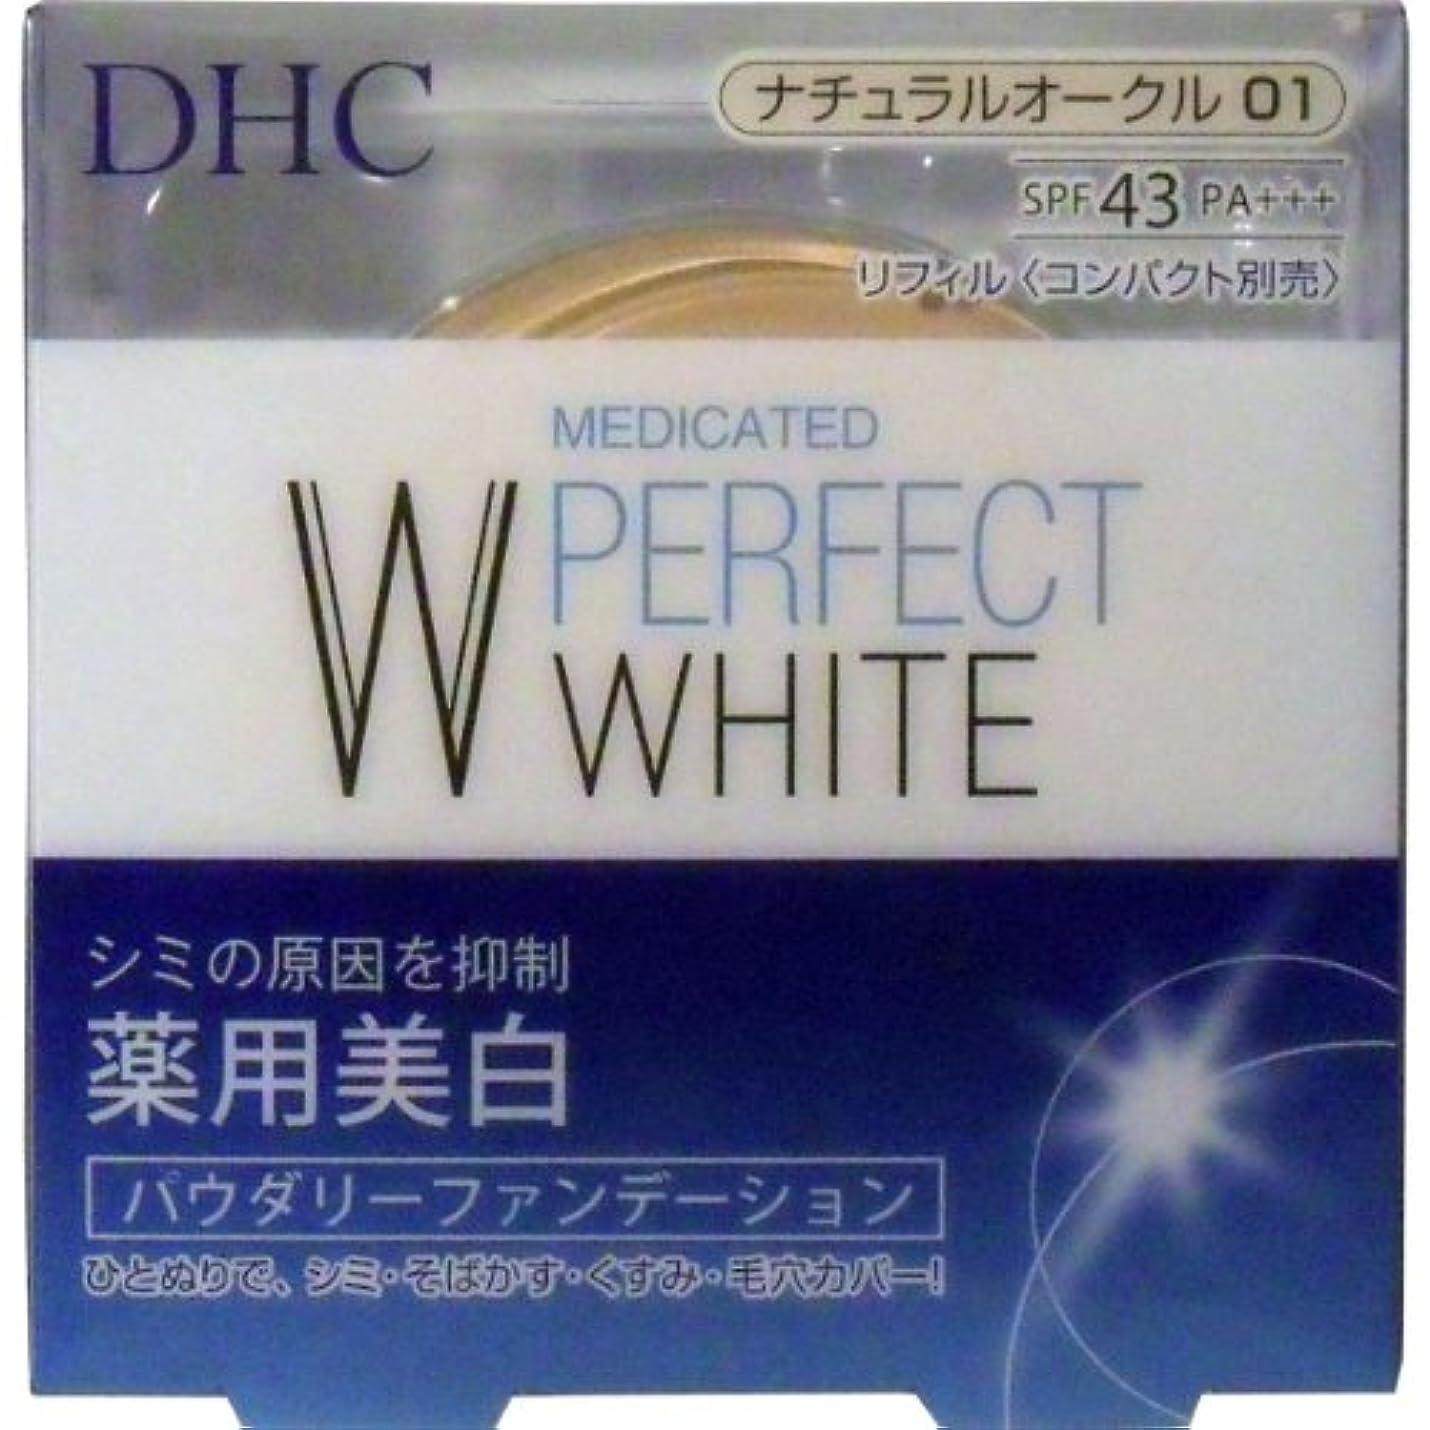 ルーキー裏切り者のためにDHC 薬用美白パーフェクトホワイト パウダリーファンデーション ナチュラルオークル01 10g